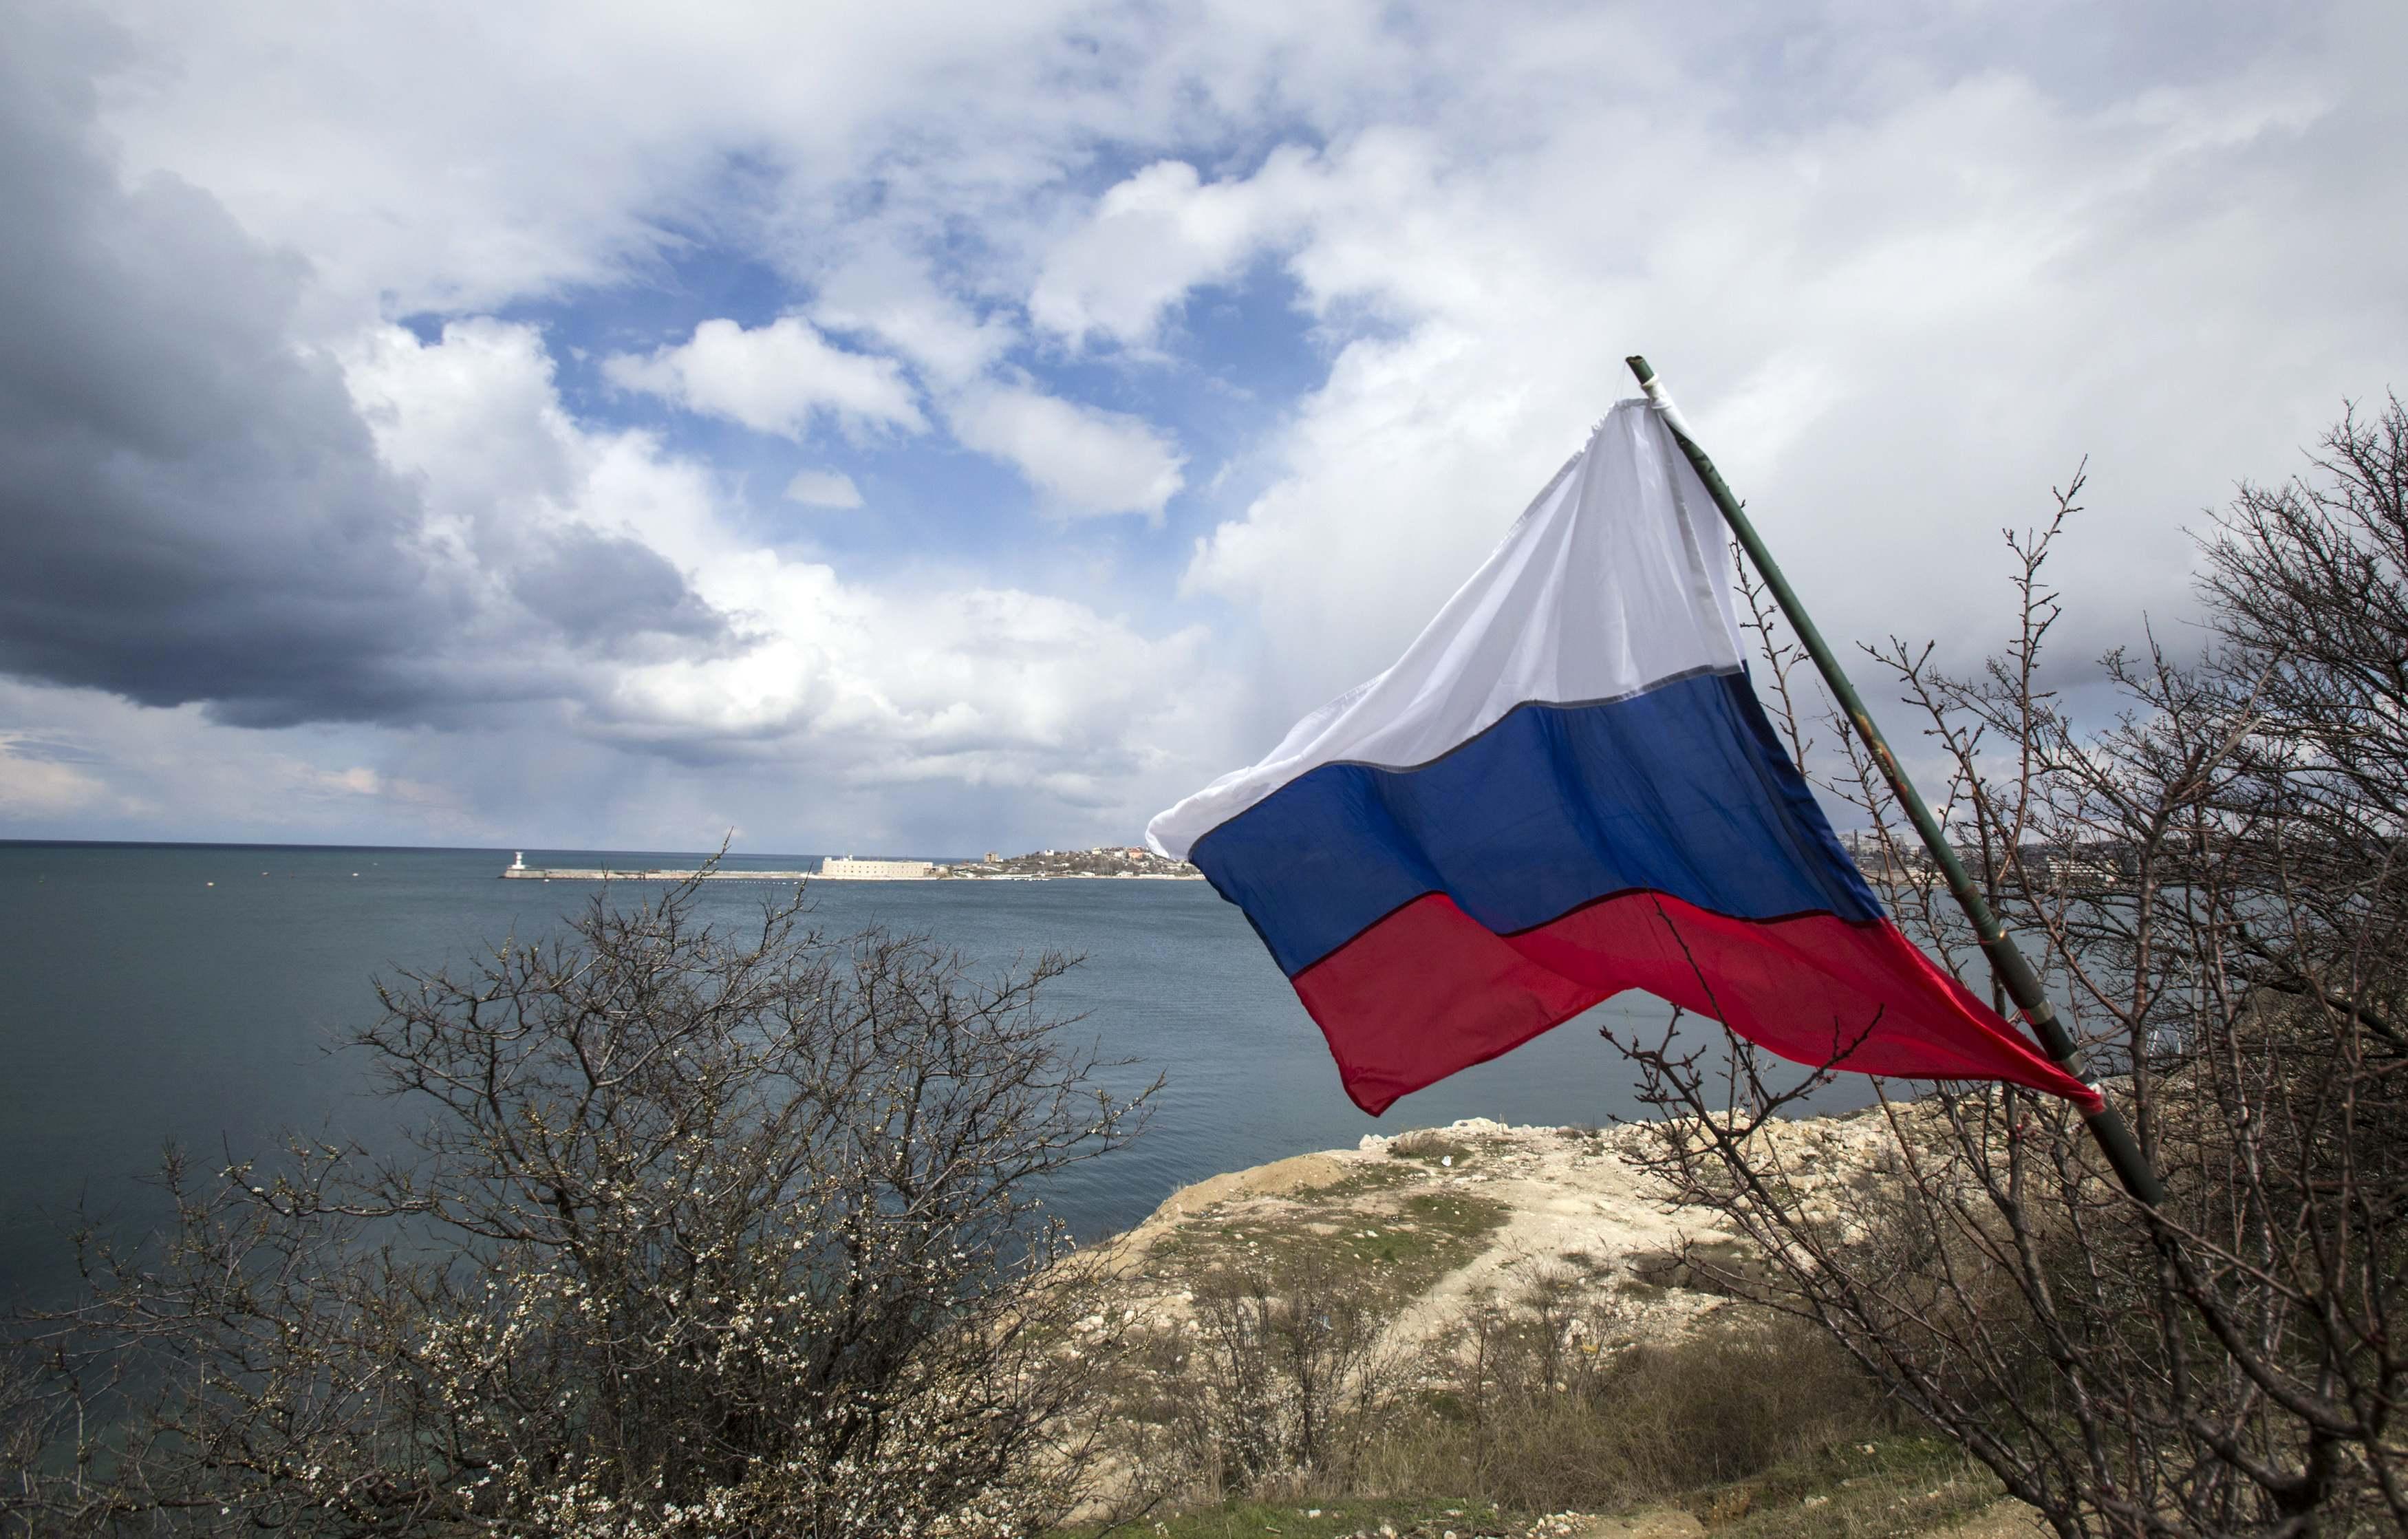 Расходы РФ на содержание Крыма и Донбасса составляют 4 млрд долларов в год, сообщил Андрей Илларионов